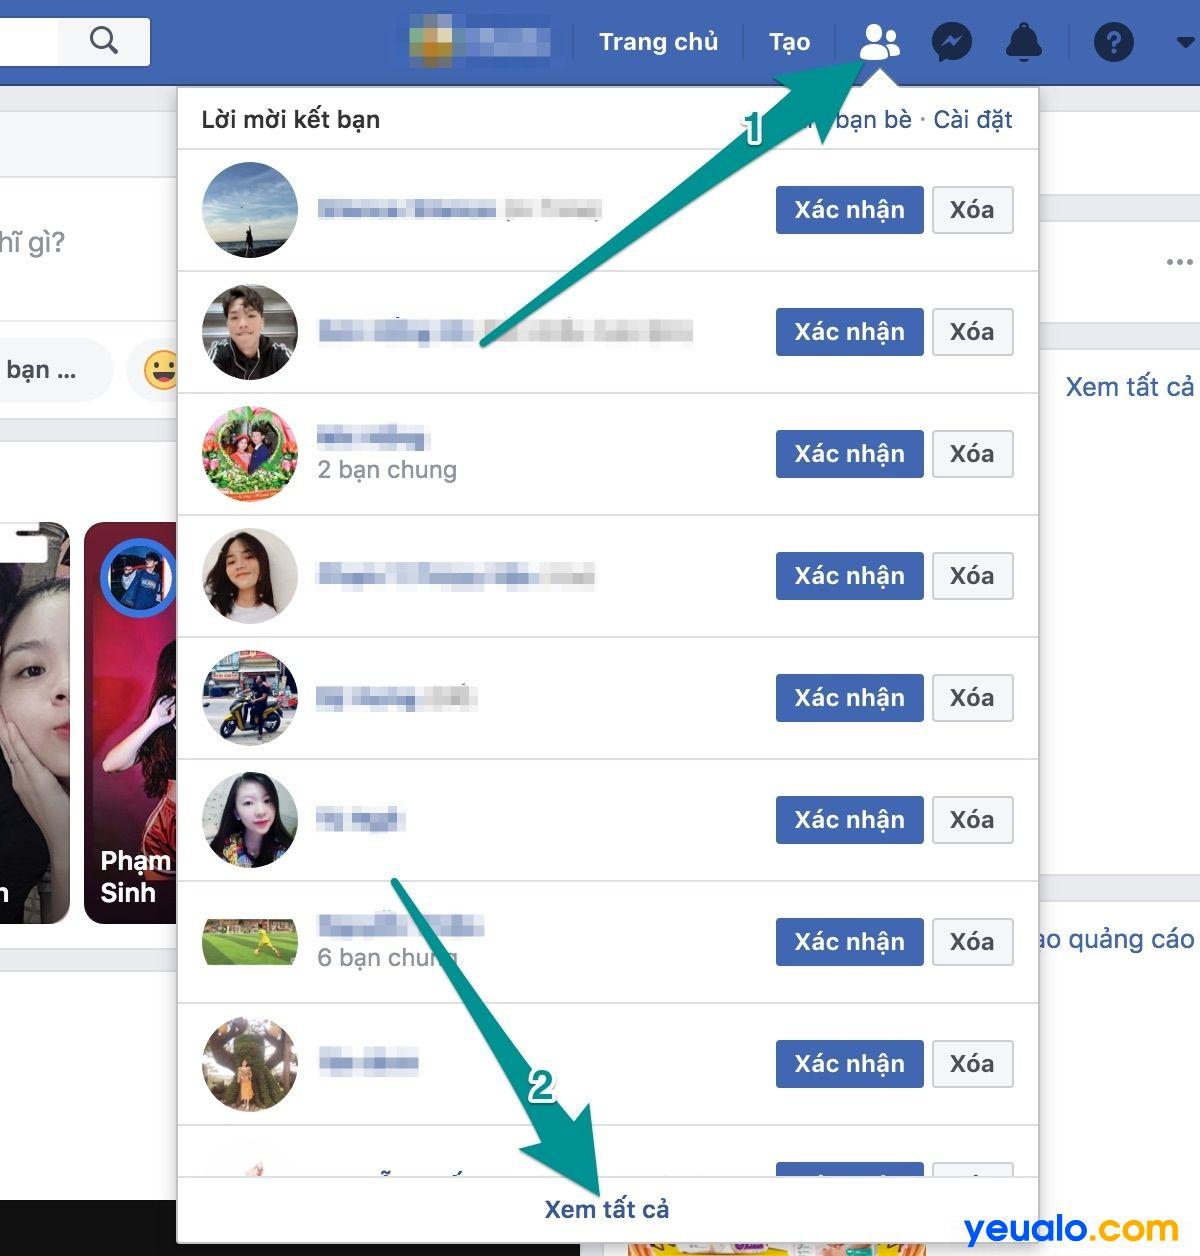 Cách xóa lời mời kết bạn đã gửi hàng loạt trên Facebook máy tính